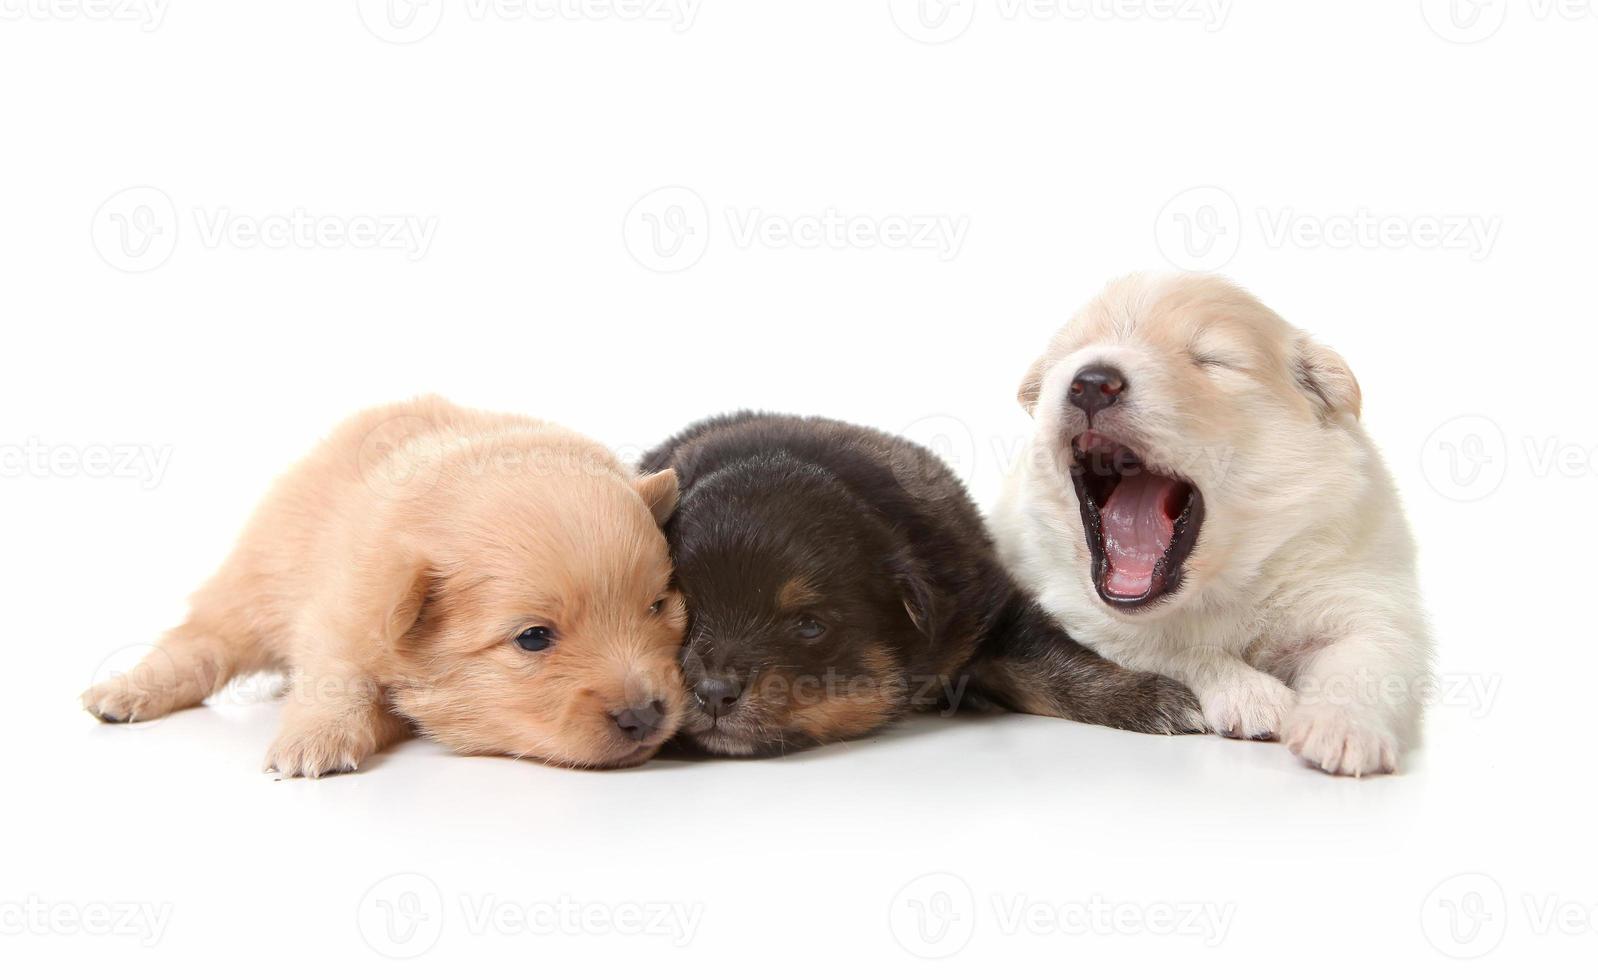 bostezos tiernos cachorros recién nacidos foto